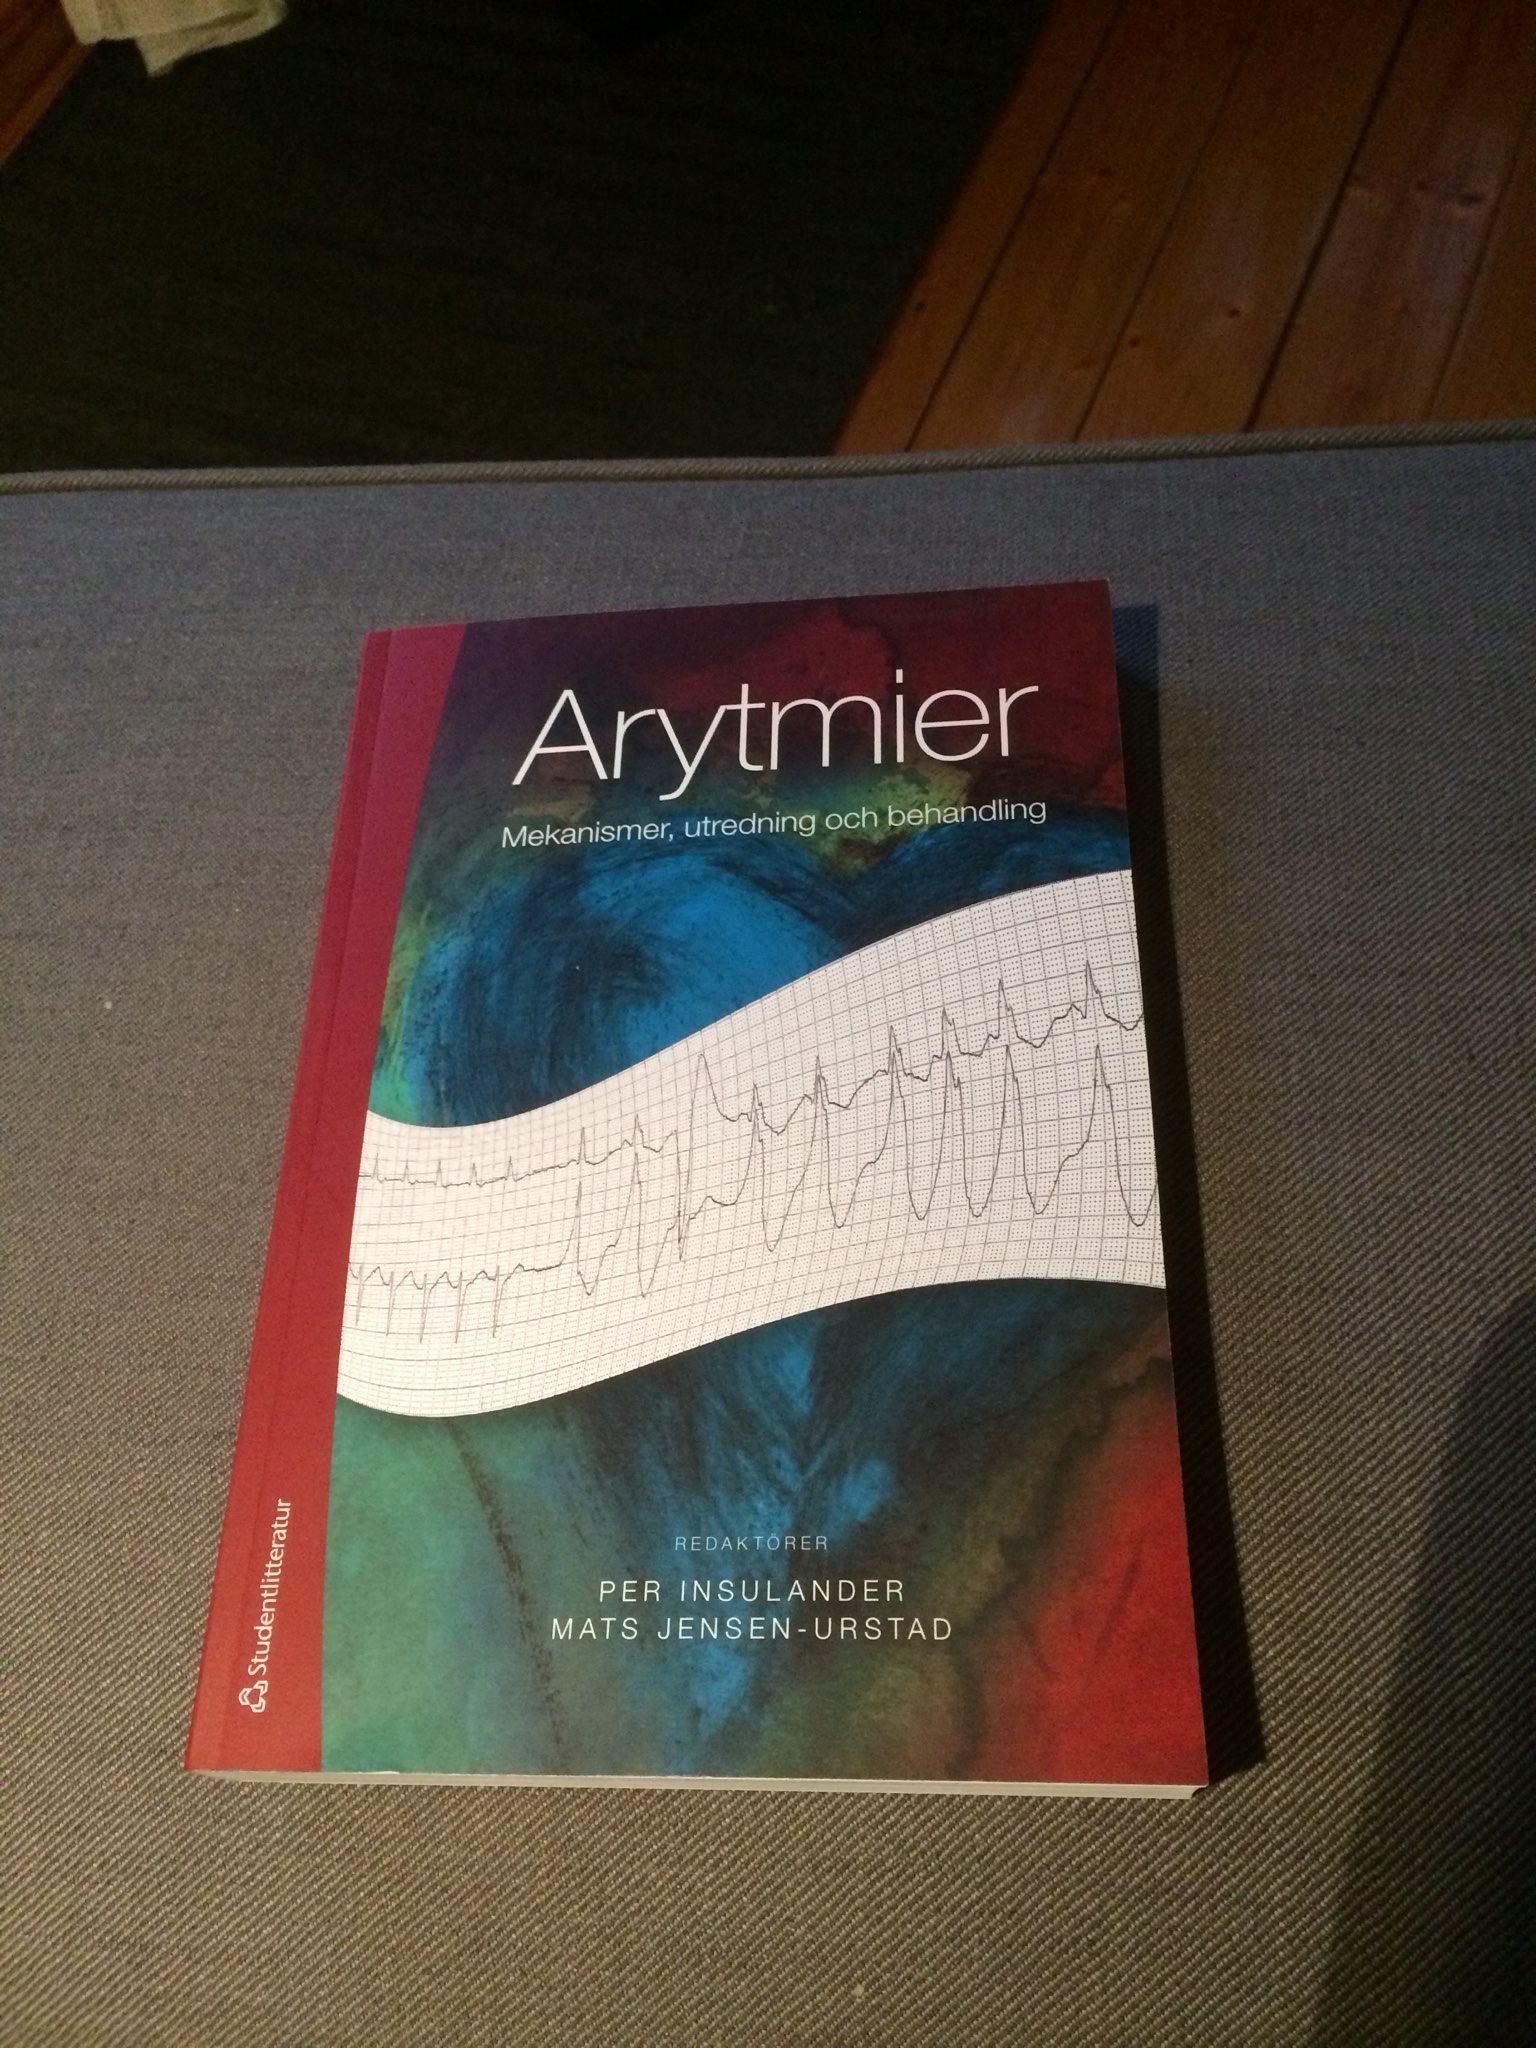 arytmier mekanismer utredning och behandling